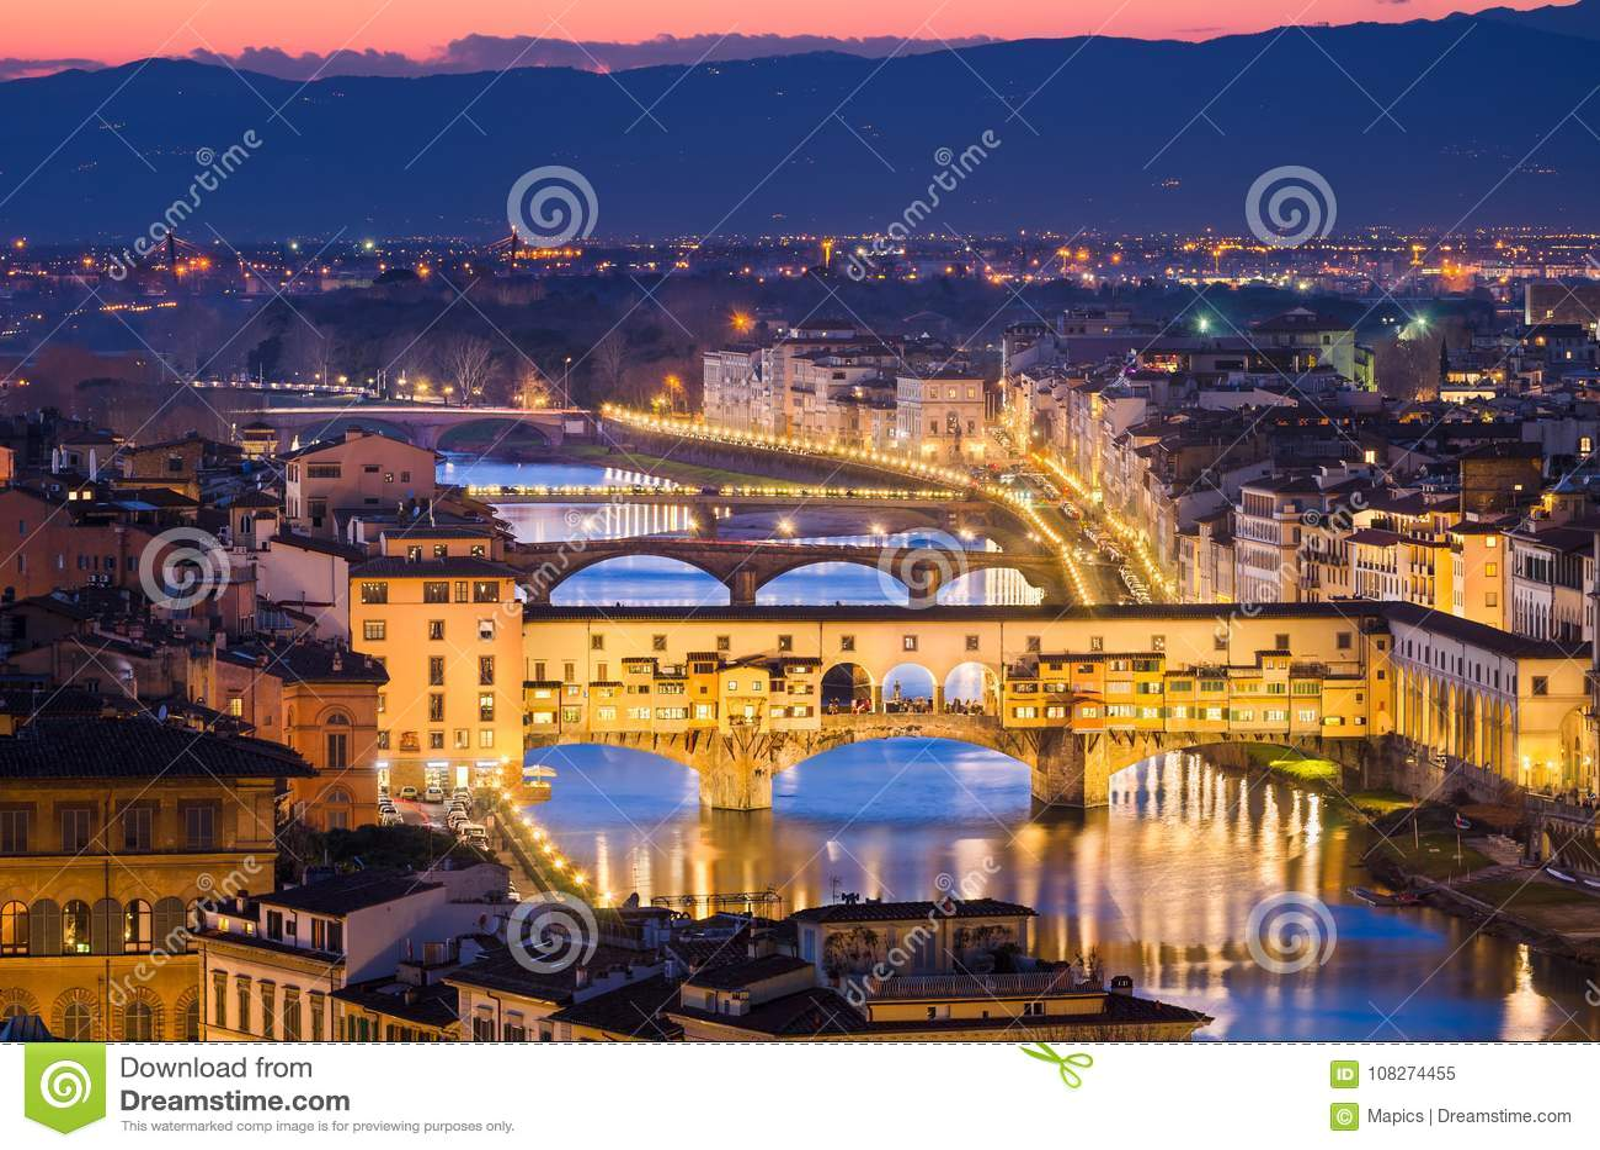 Ponte Vecchio Bridge At Night